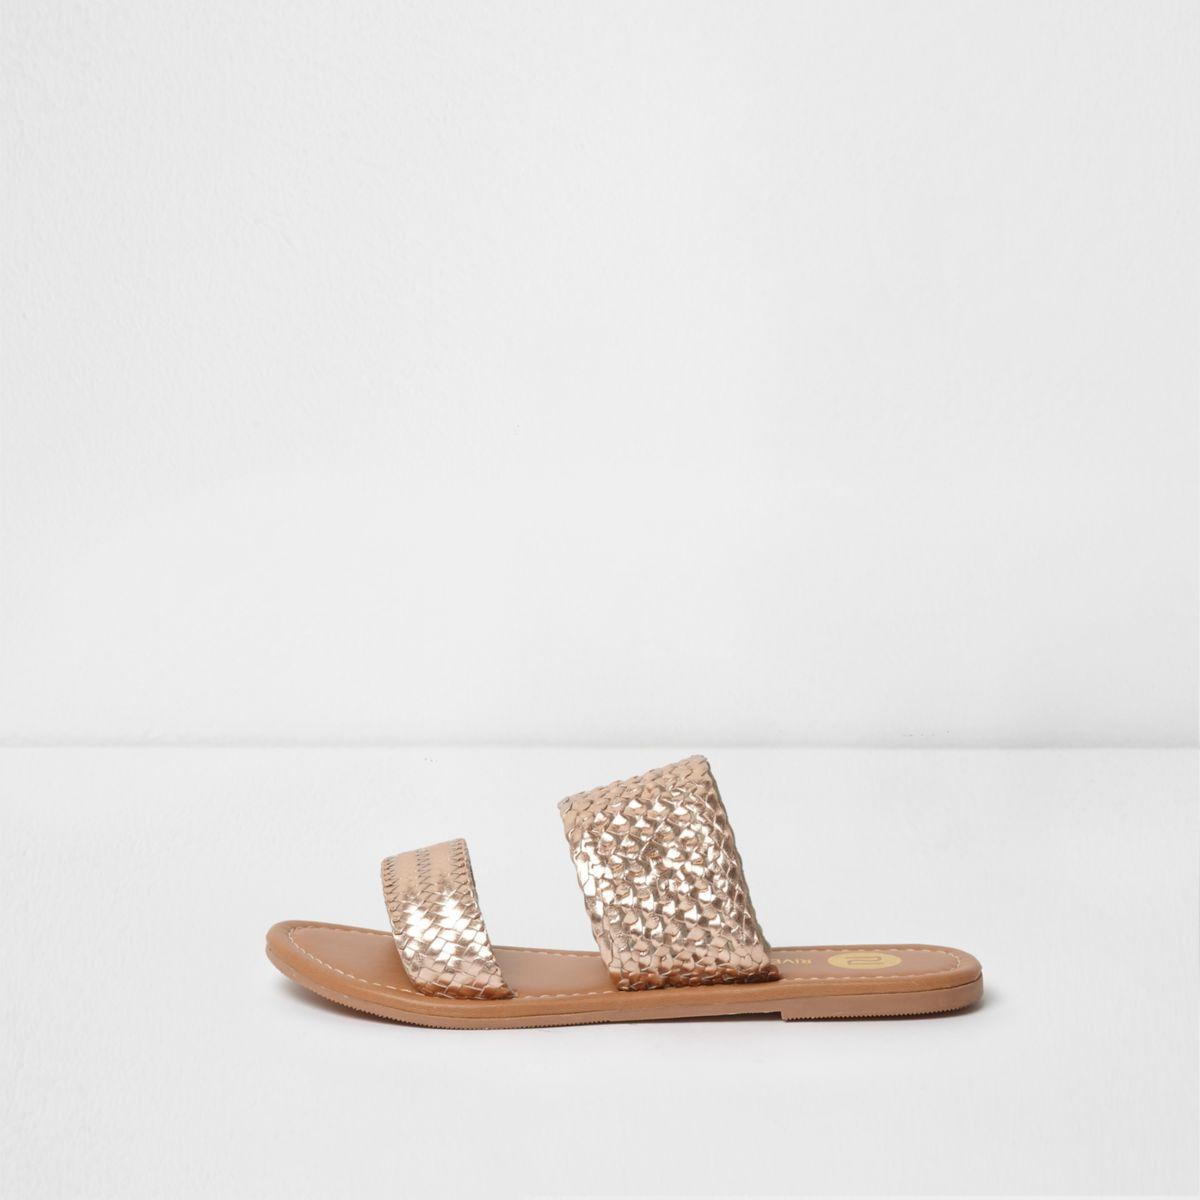 Gold metallic woven sandals